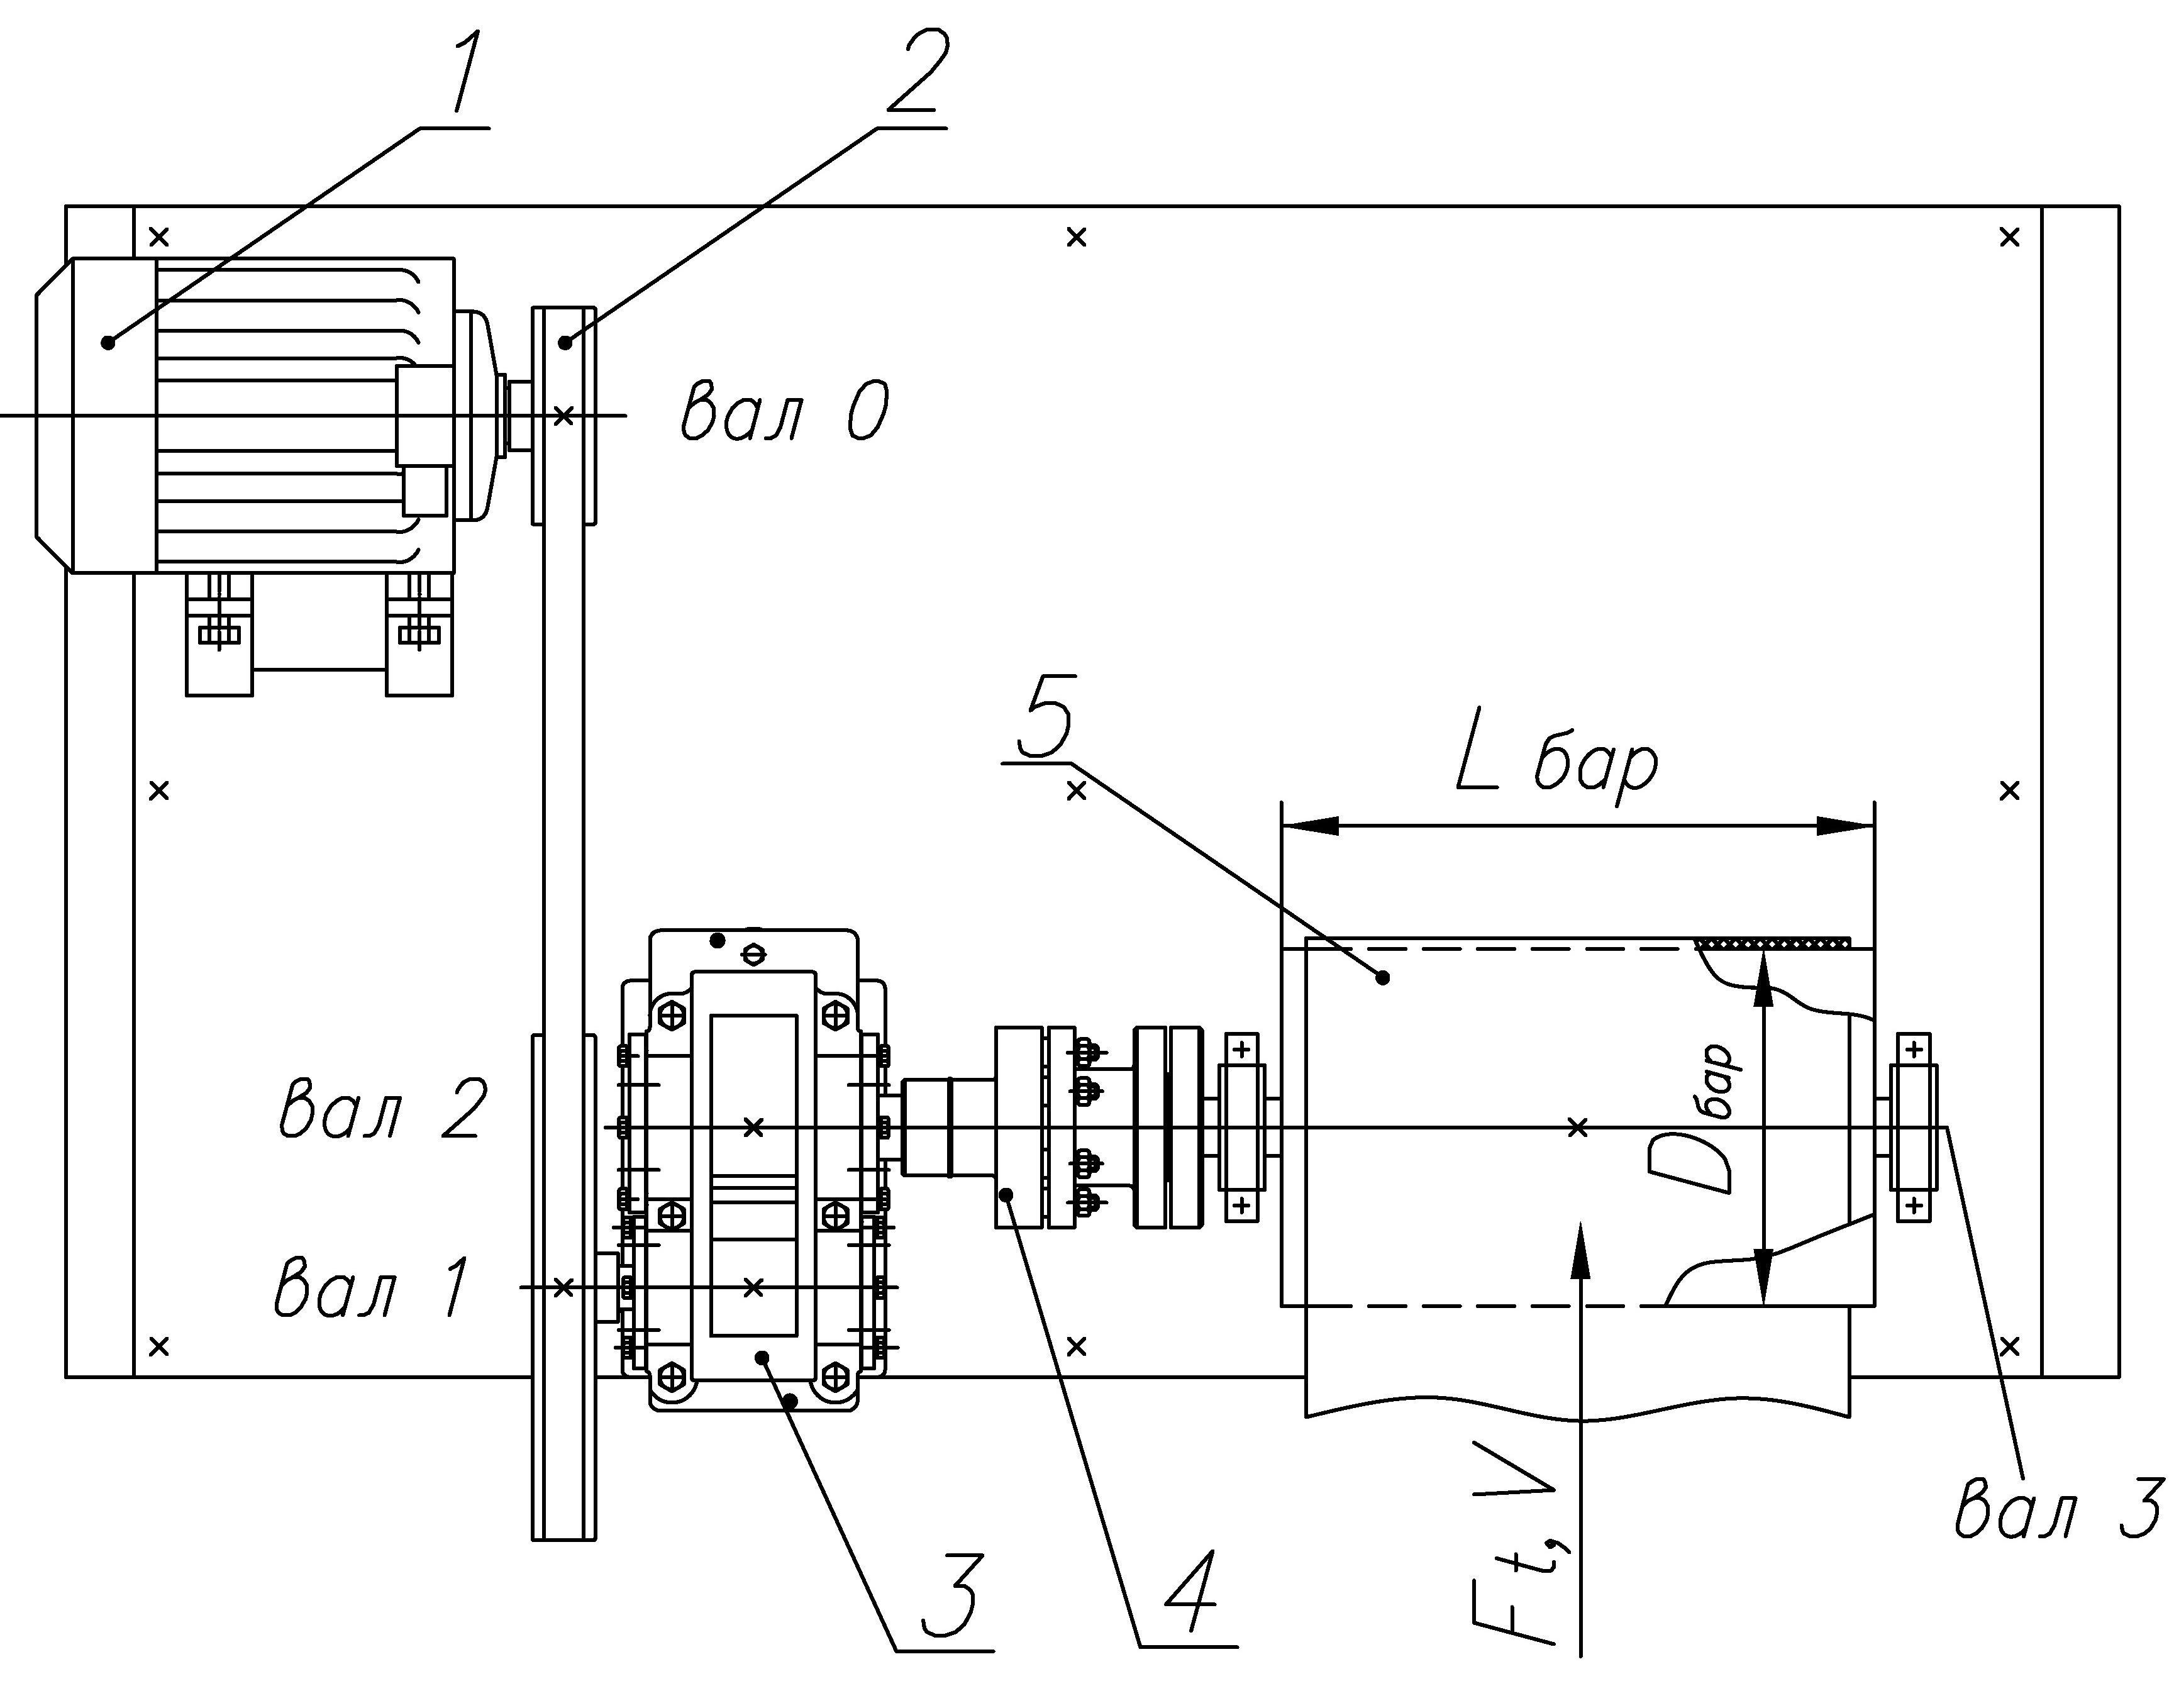 Цилиндрического прямозубого редуктора для привода ленточного конвейера чертеж гибкого транспортера